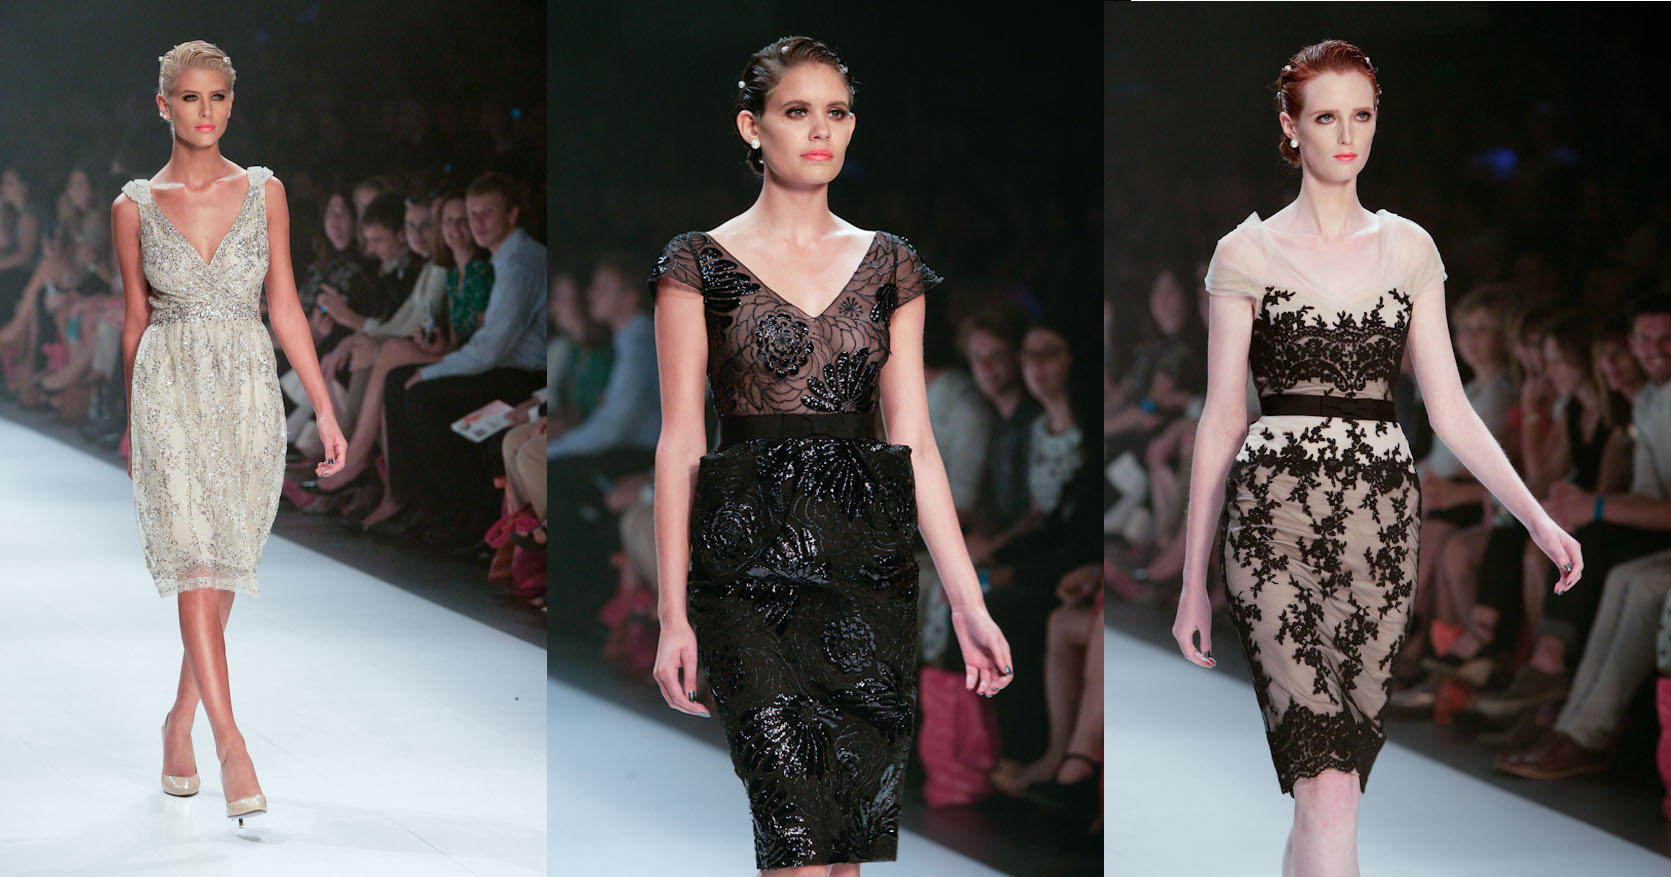 Project d lace dress necklace